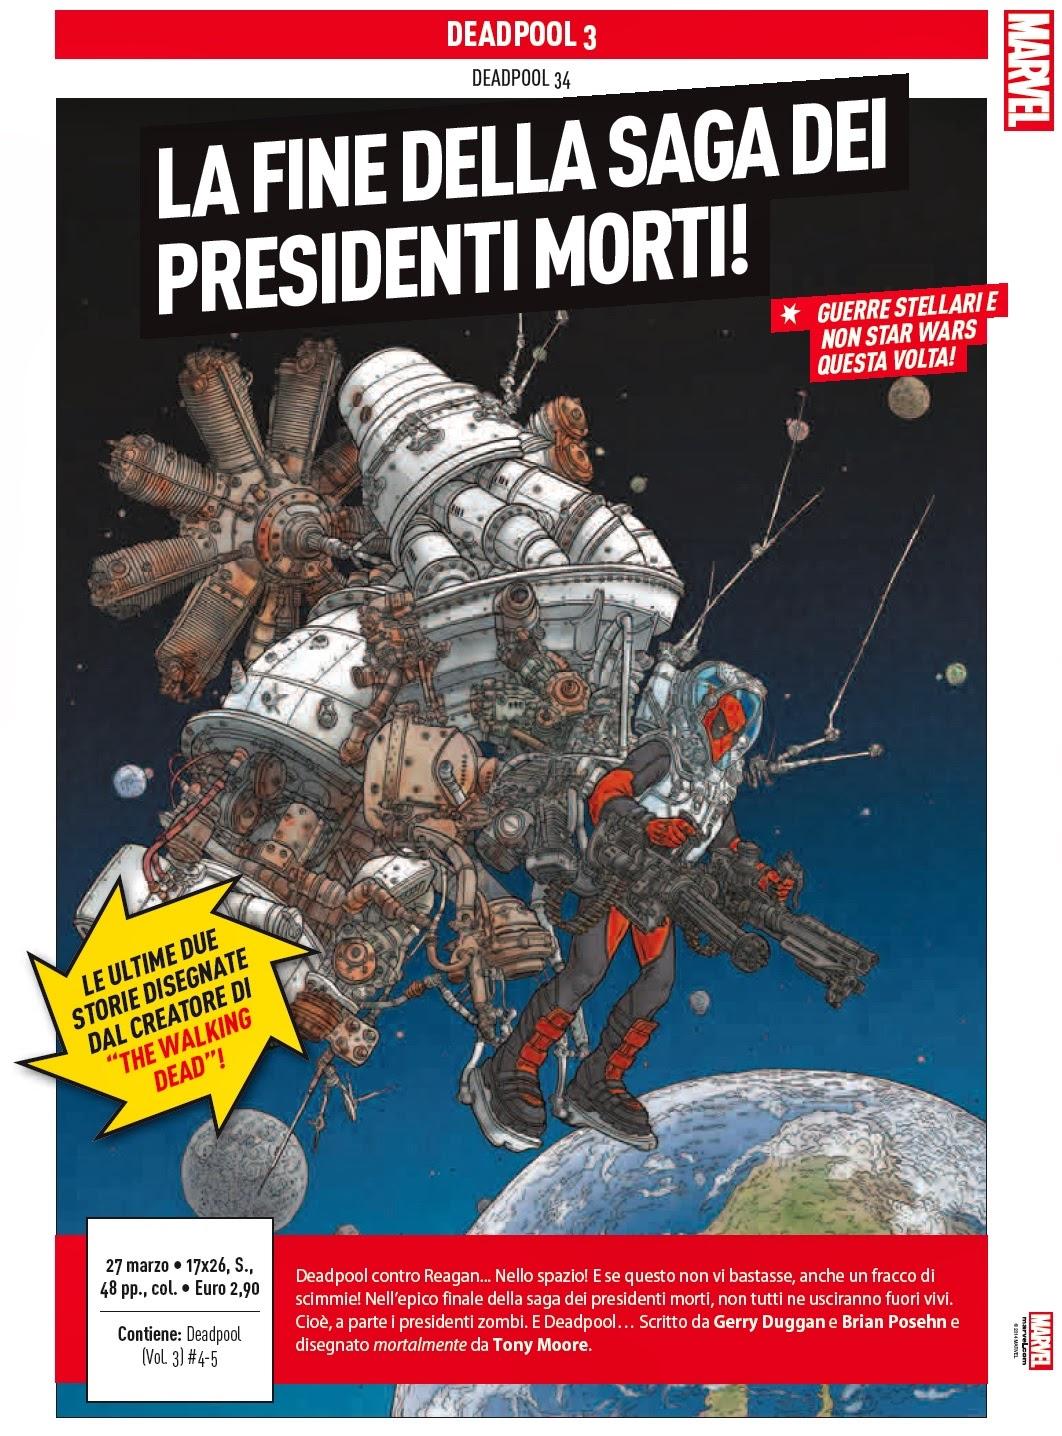 Deadpool  #3-34 (Marvel - Panini)